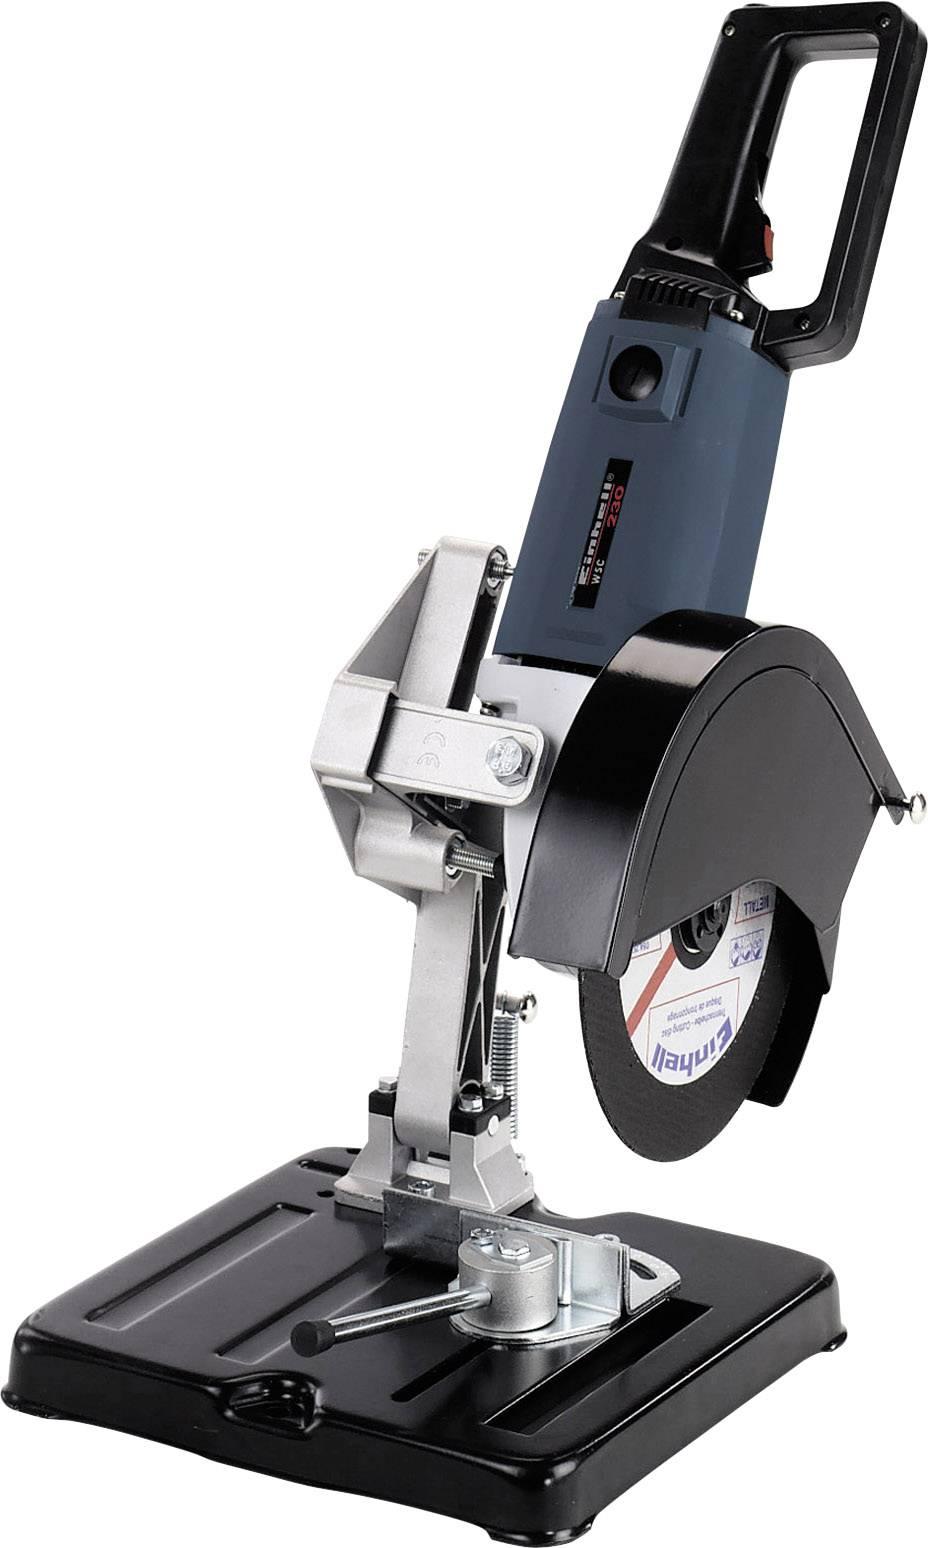 Stojan na řezání Einhell TS 230 pro brusky s Ø kotouče 230 mm